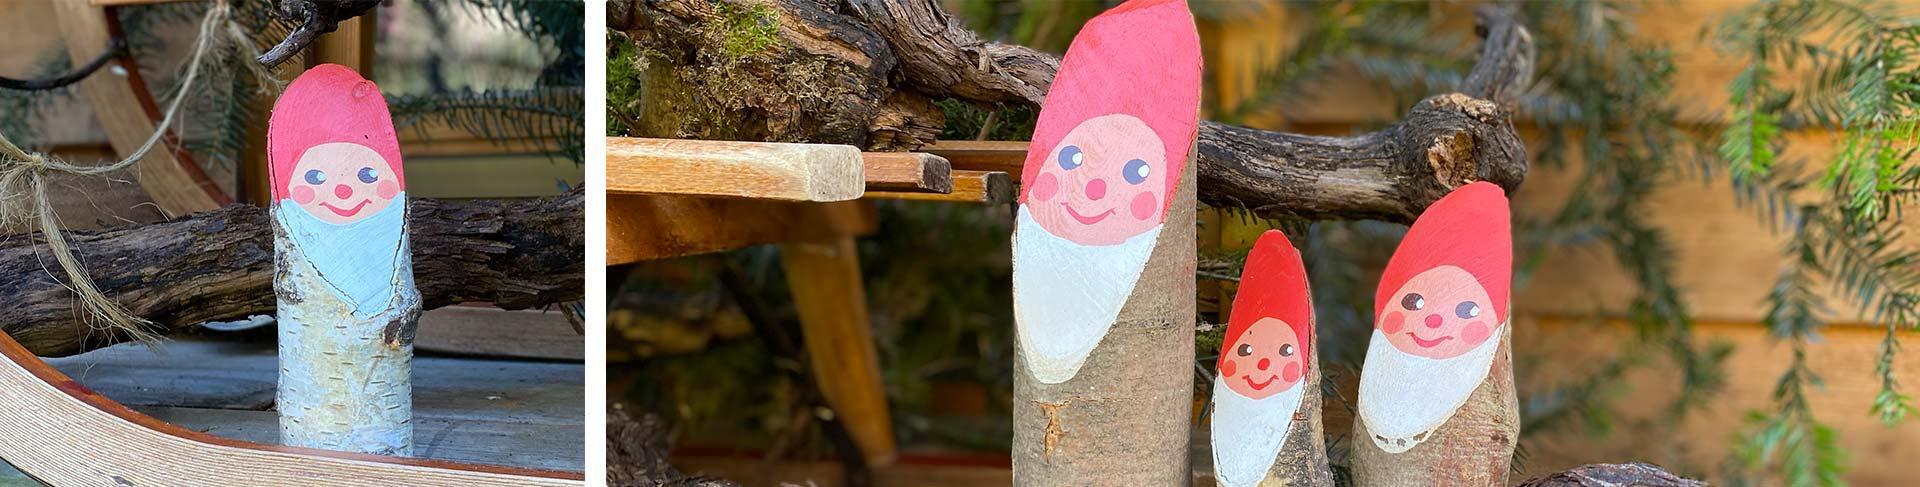 Weihnachtswichtel mit Schlitten an der Gartenhütte